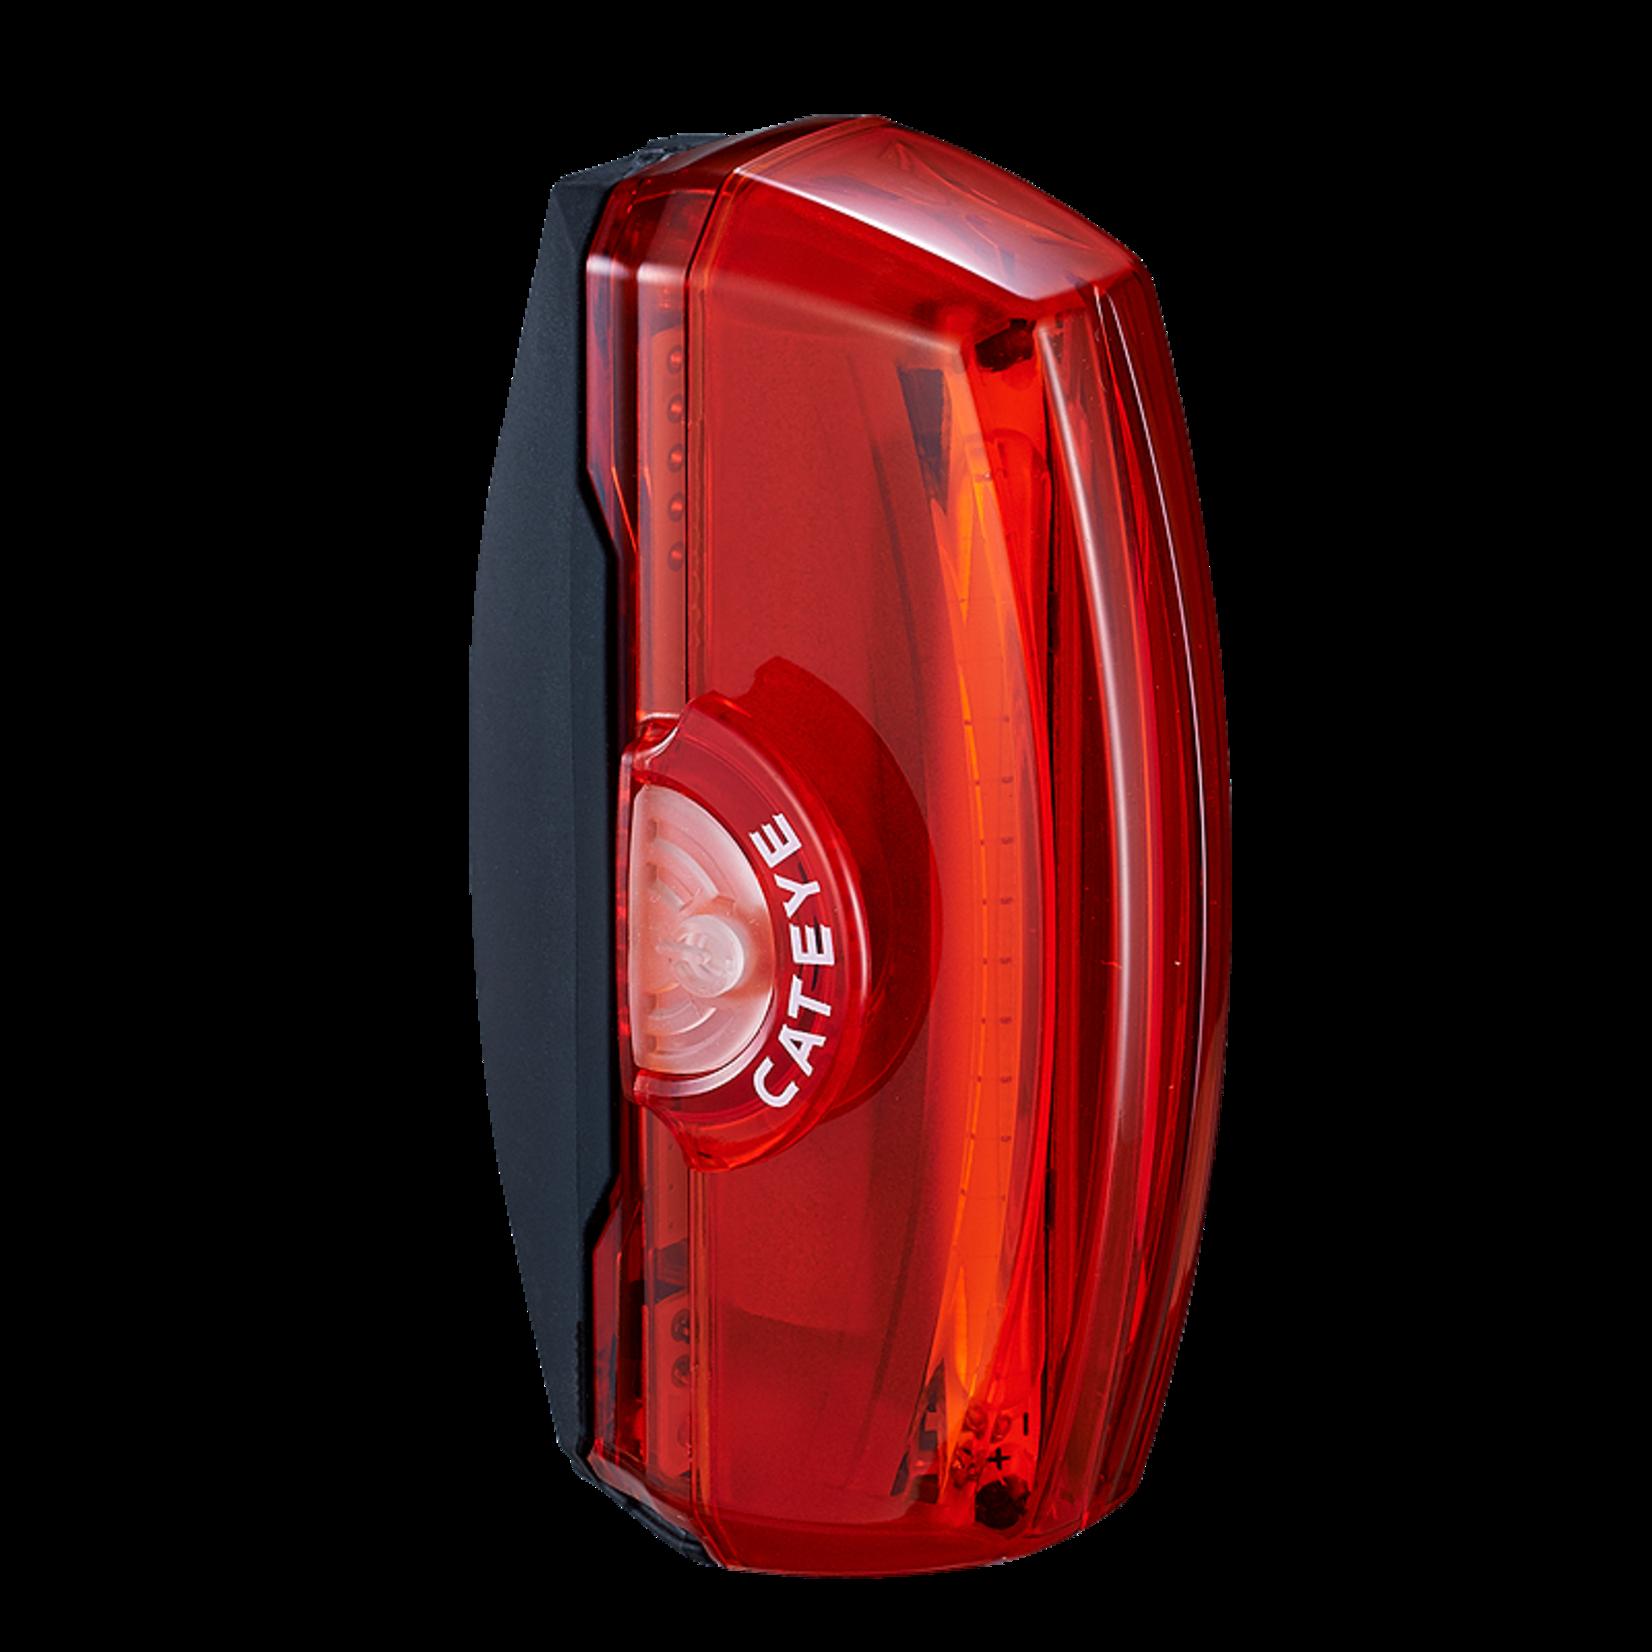 Cateye CATEYE RAPID X3 USB LIGHT